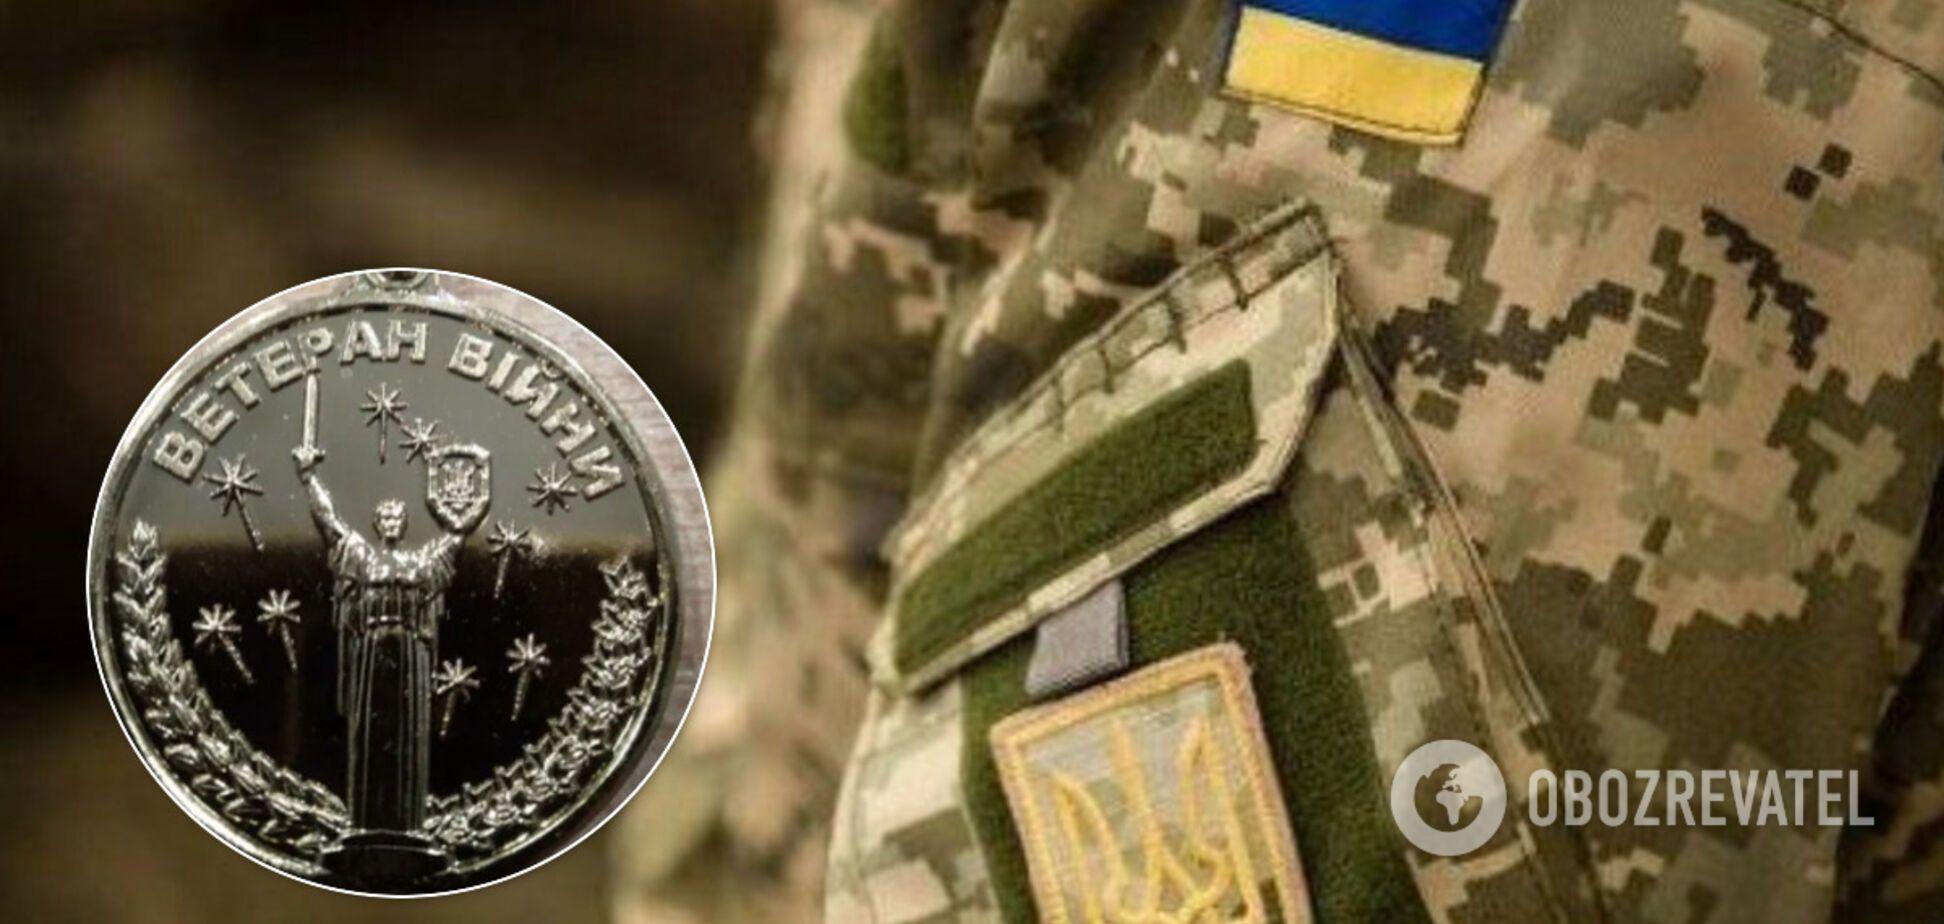 Новость о пластиковых медалях для ВСУ оказалась фейком